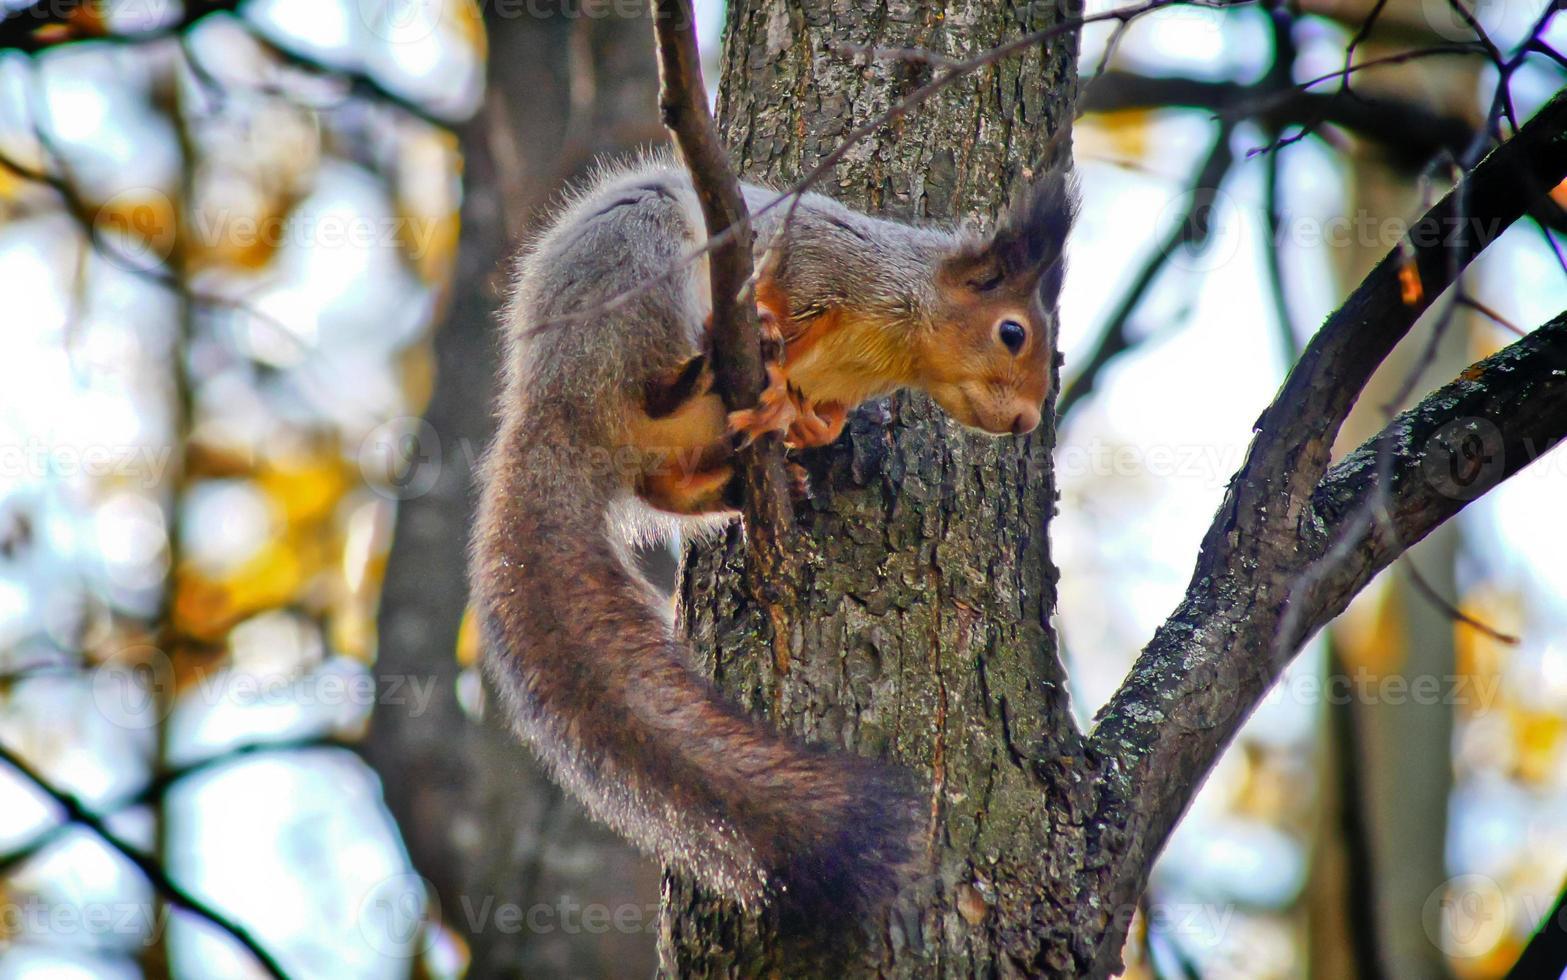 écureuil sur une branche d'arbre. photo